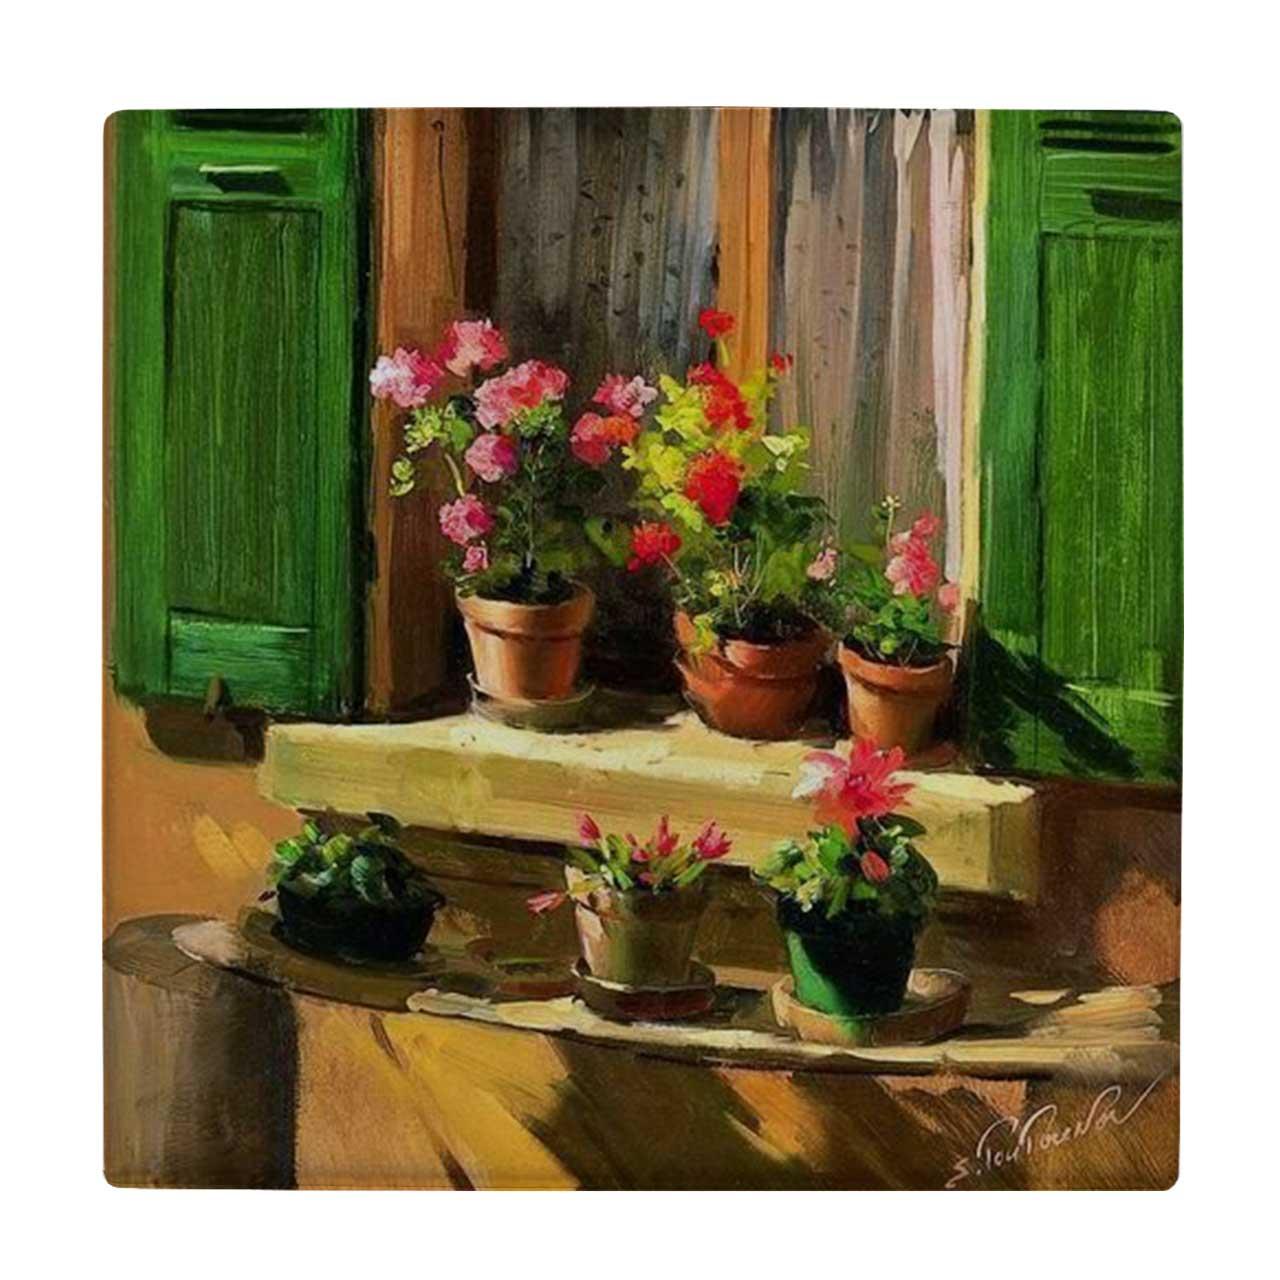 خرید                      کاشی طرح گلدان های لب پنجره کد wk647